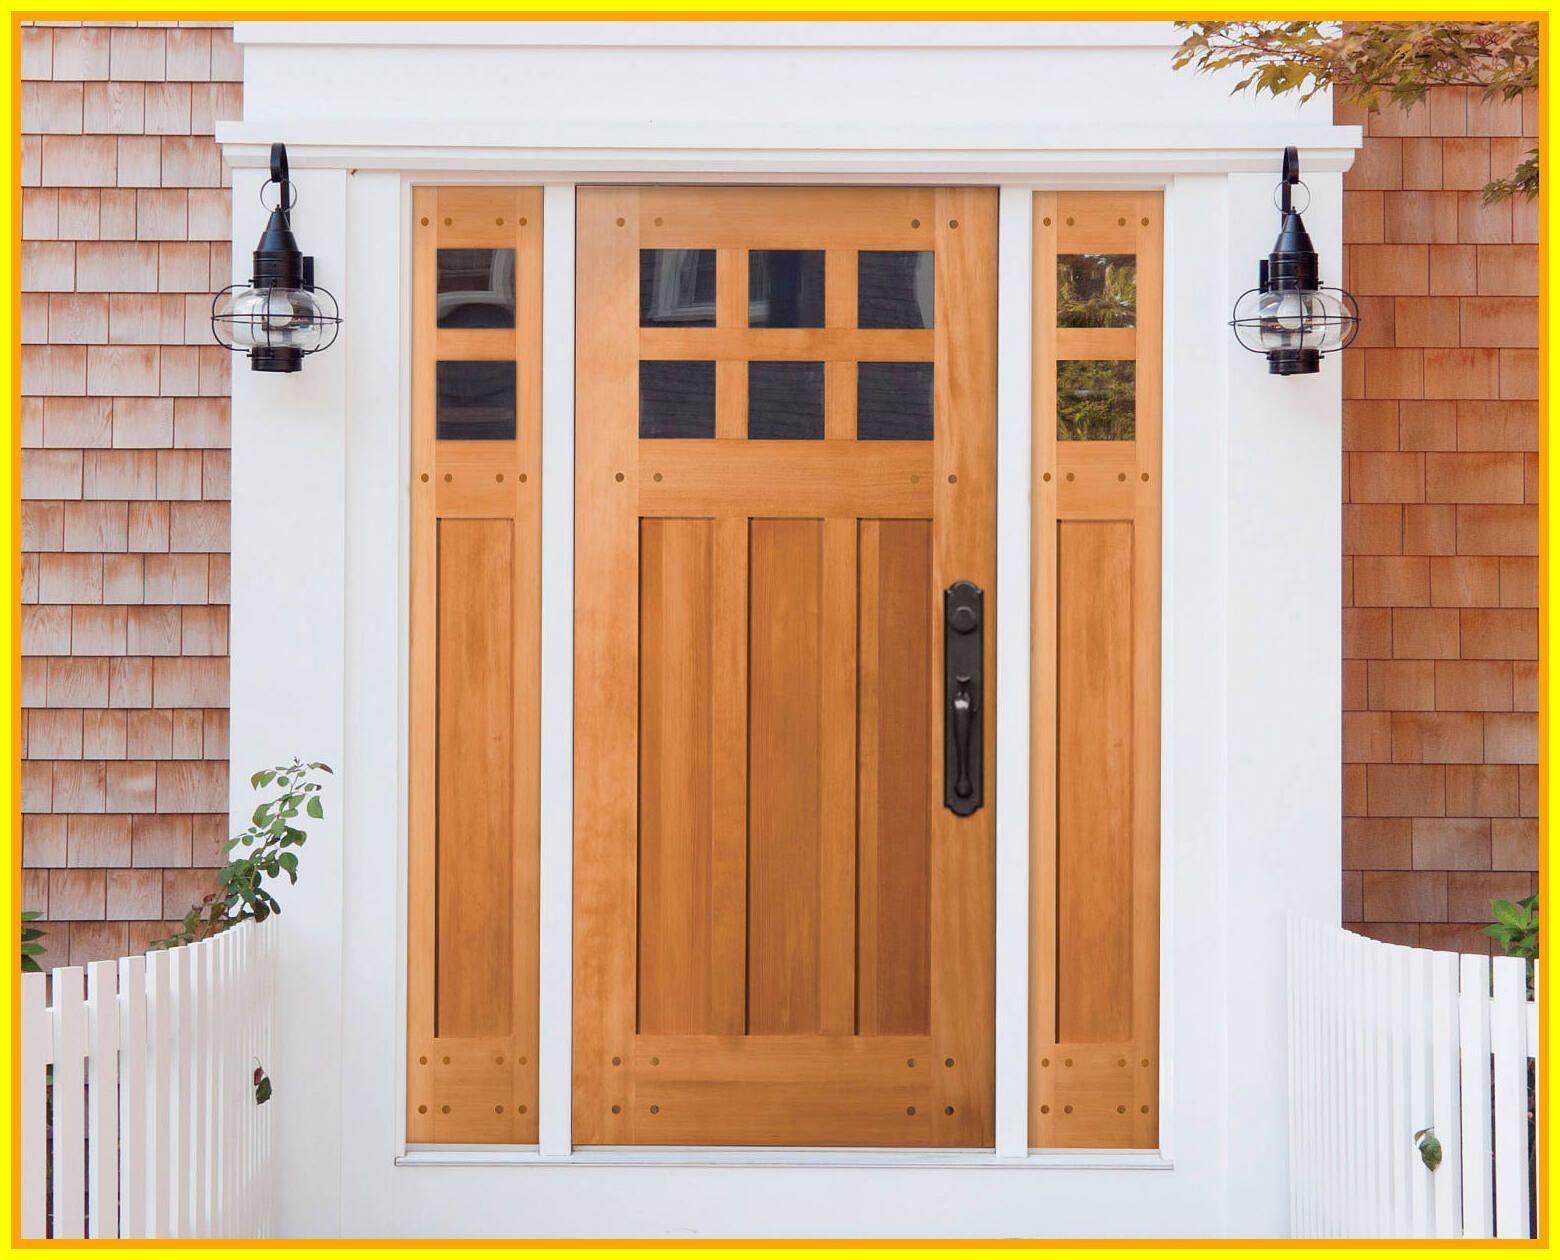 51 Reference Of Front Door Steel Vs Fiberglass In 2020 Fiberglass Exterior Doors Steel Front Door Exterior Doors